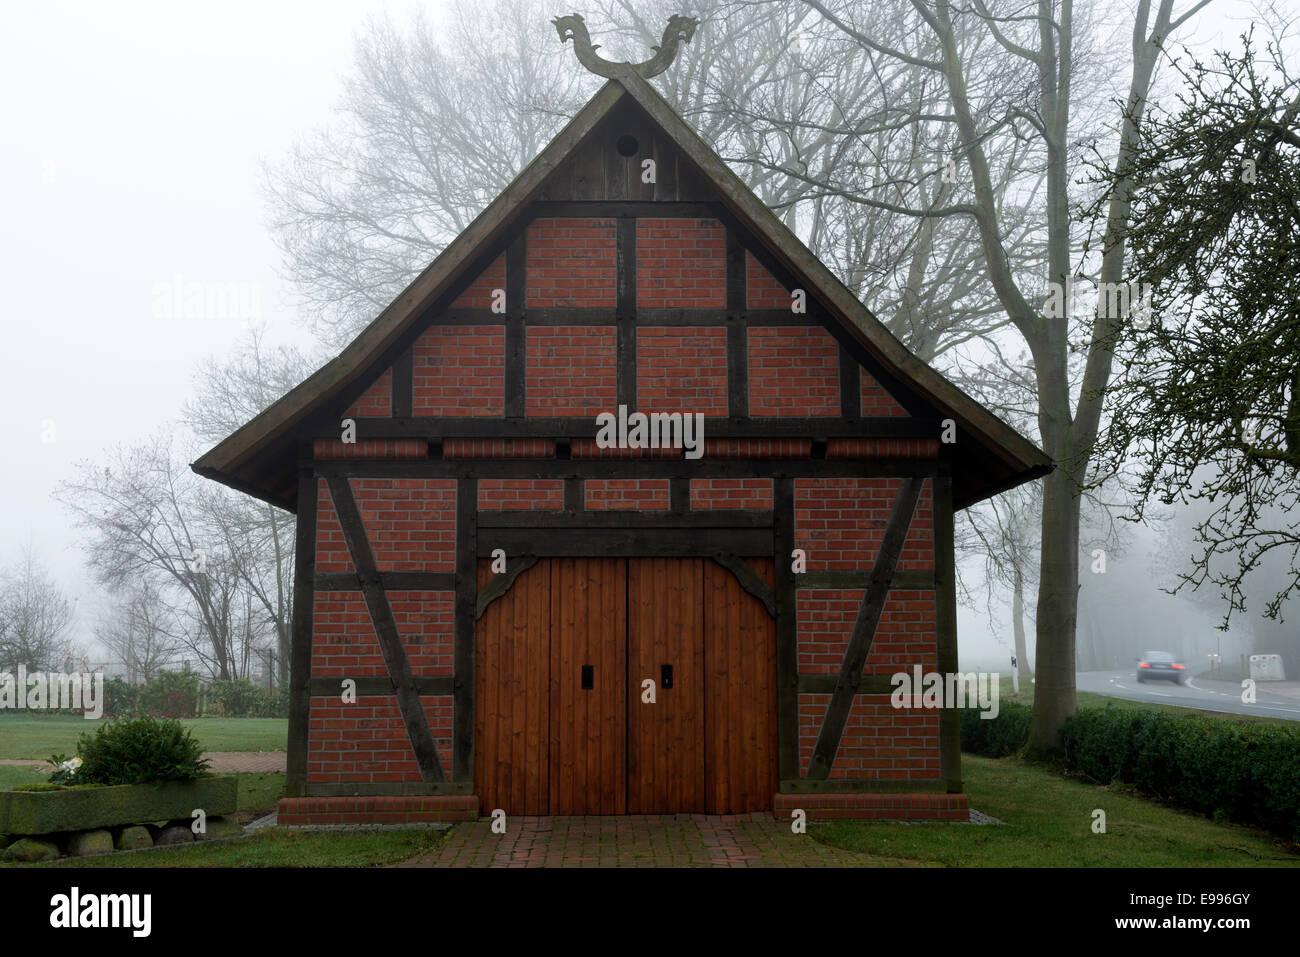 Wood framed garage - Stock Image